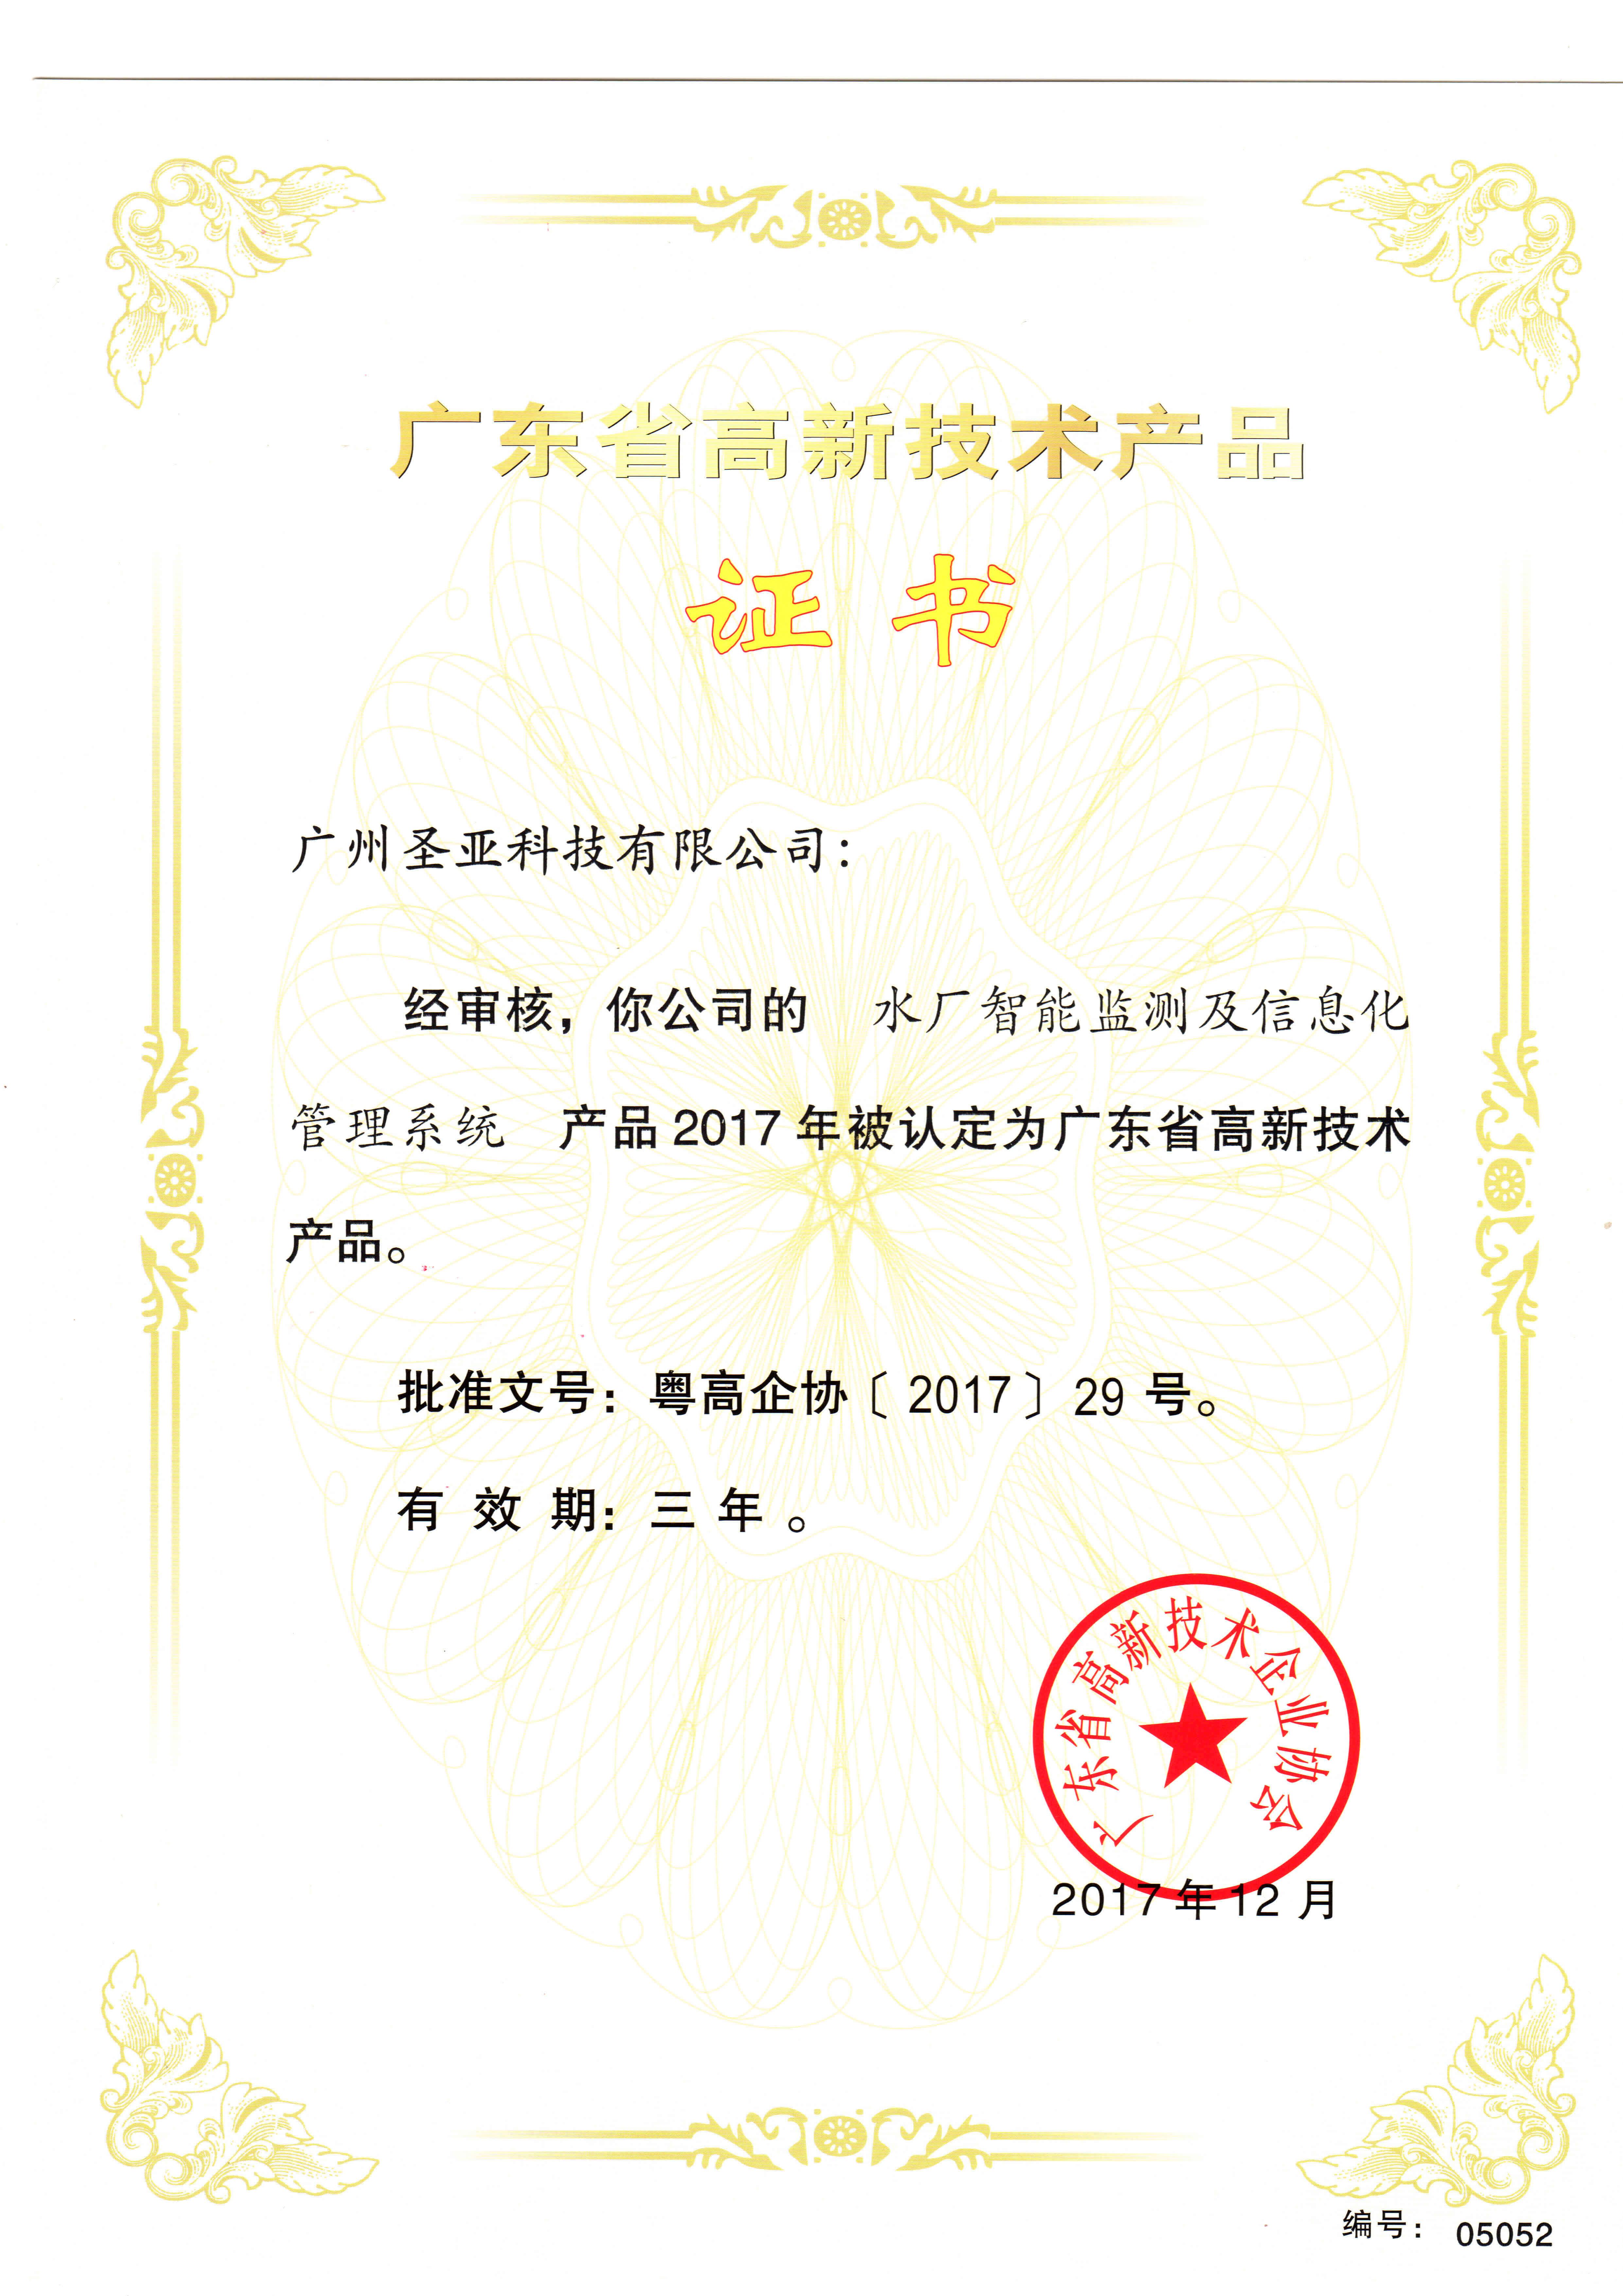 (广州圣亚科技)高新技术产品--水厂智能监测及信息化管理系统2018.jpg